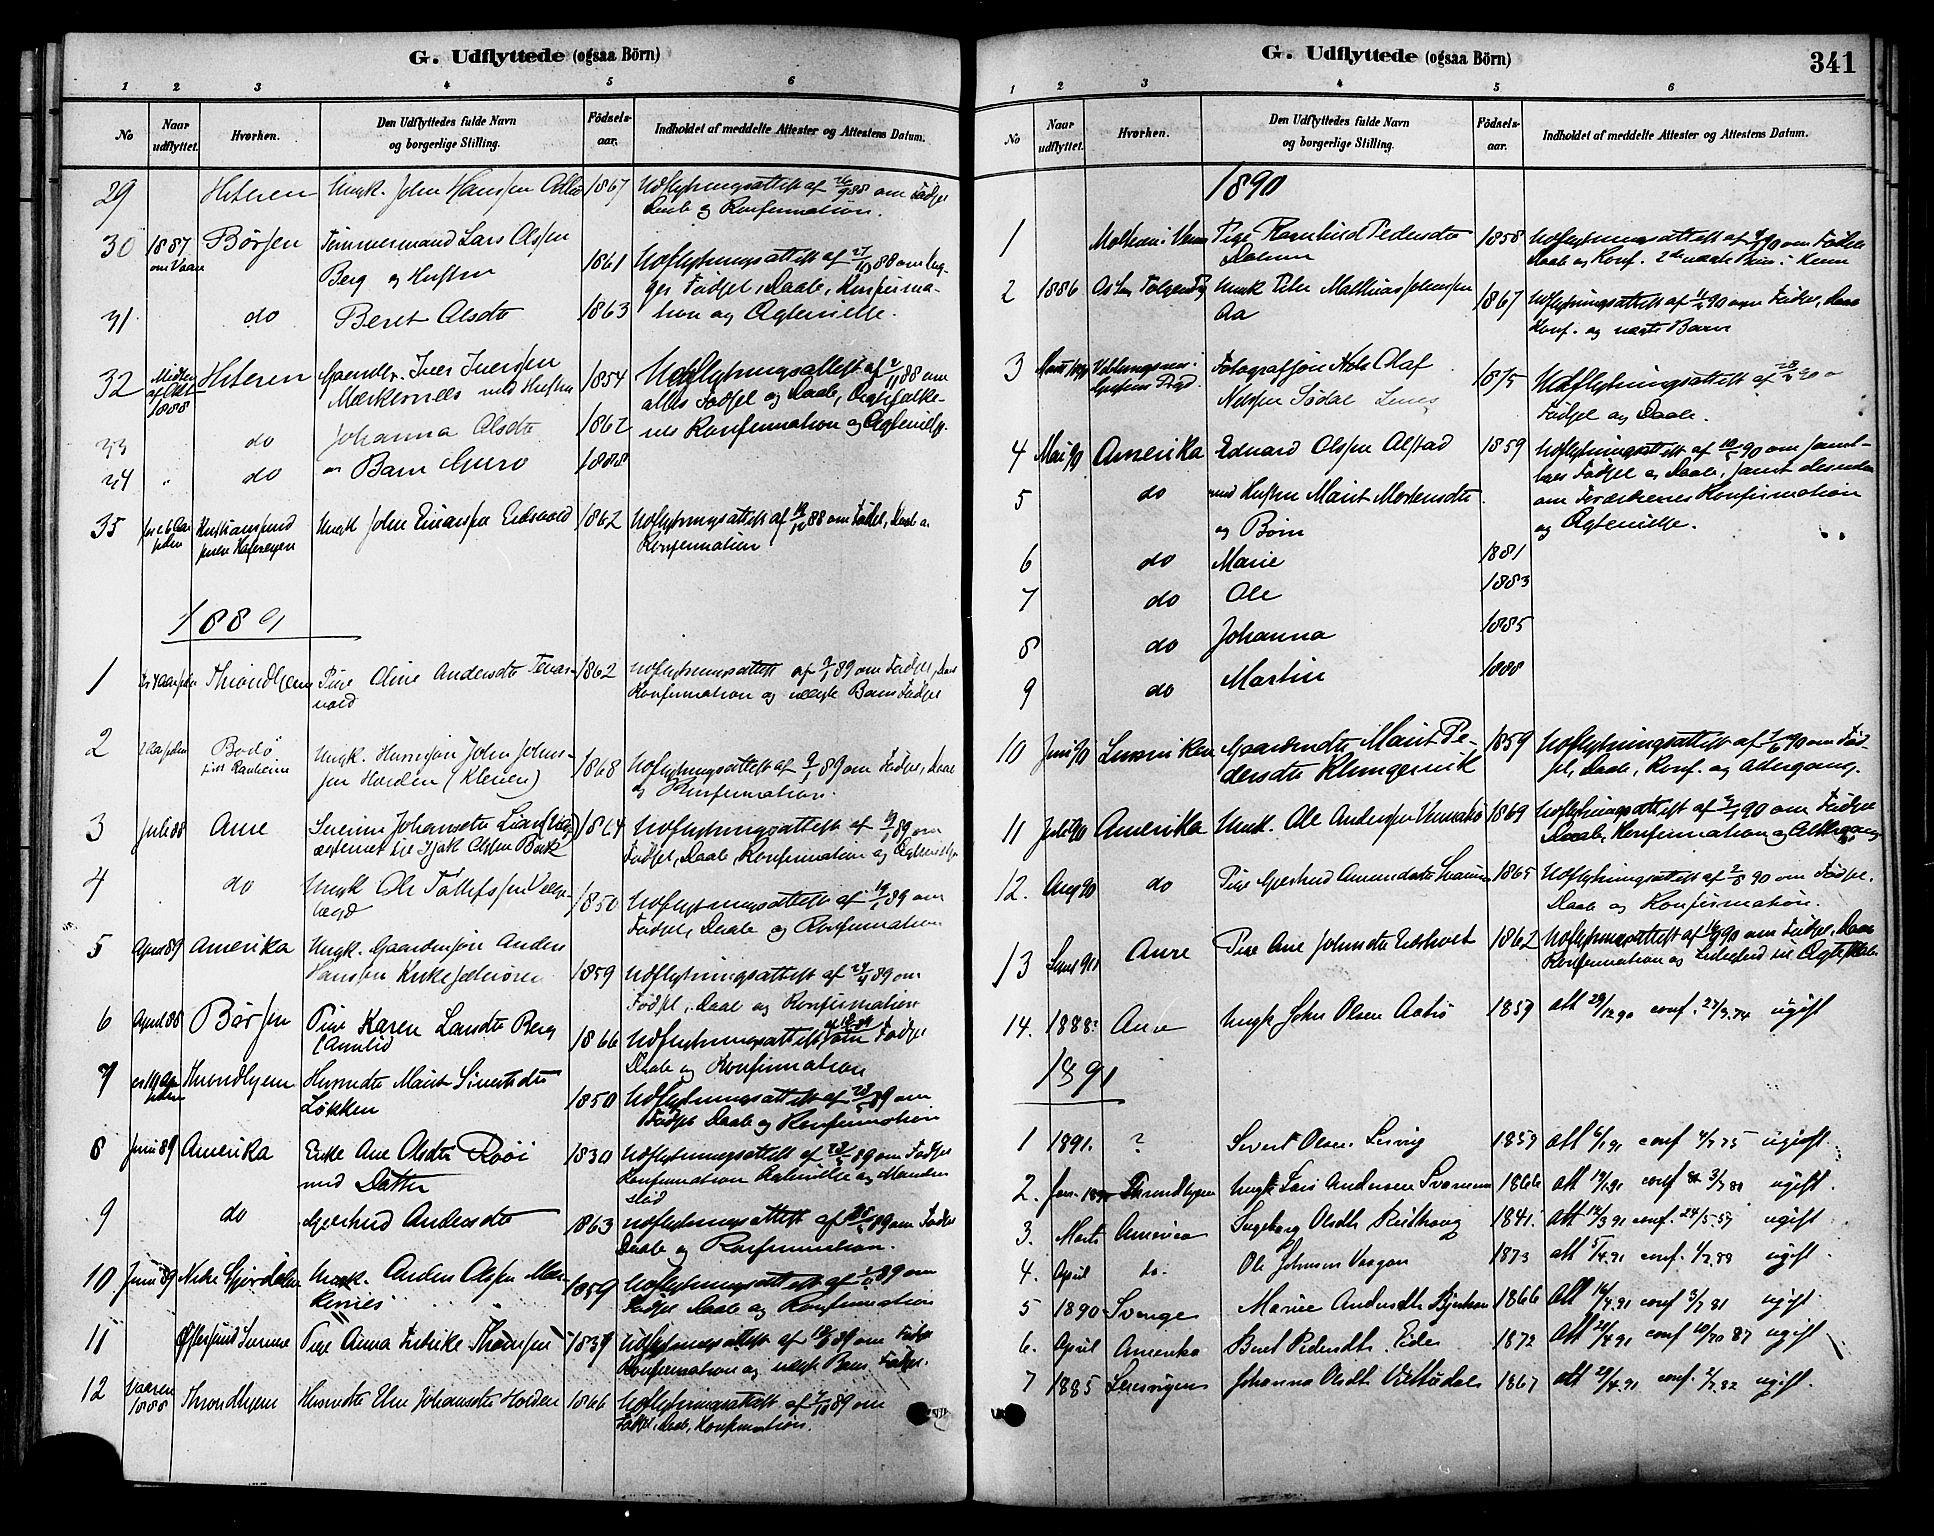 SAT, Ministerialprotokoller, klokkerbøker og fødselsregistre - Sør-Trøndelag, 630/L0496: Ministerialbok nr. 630A09, 1879-1895, s. 341